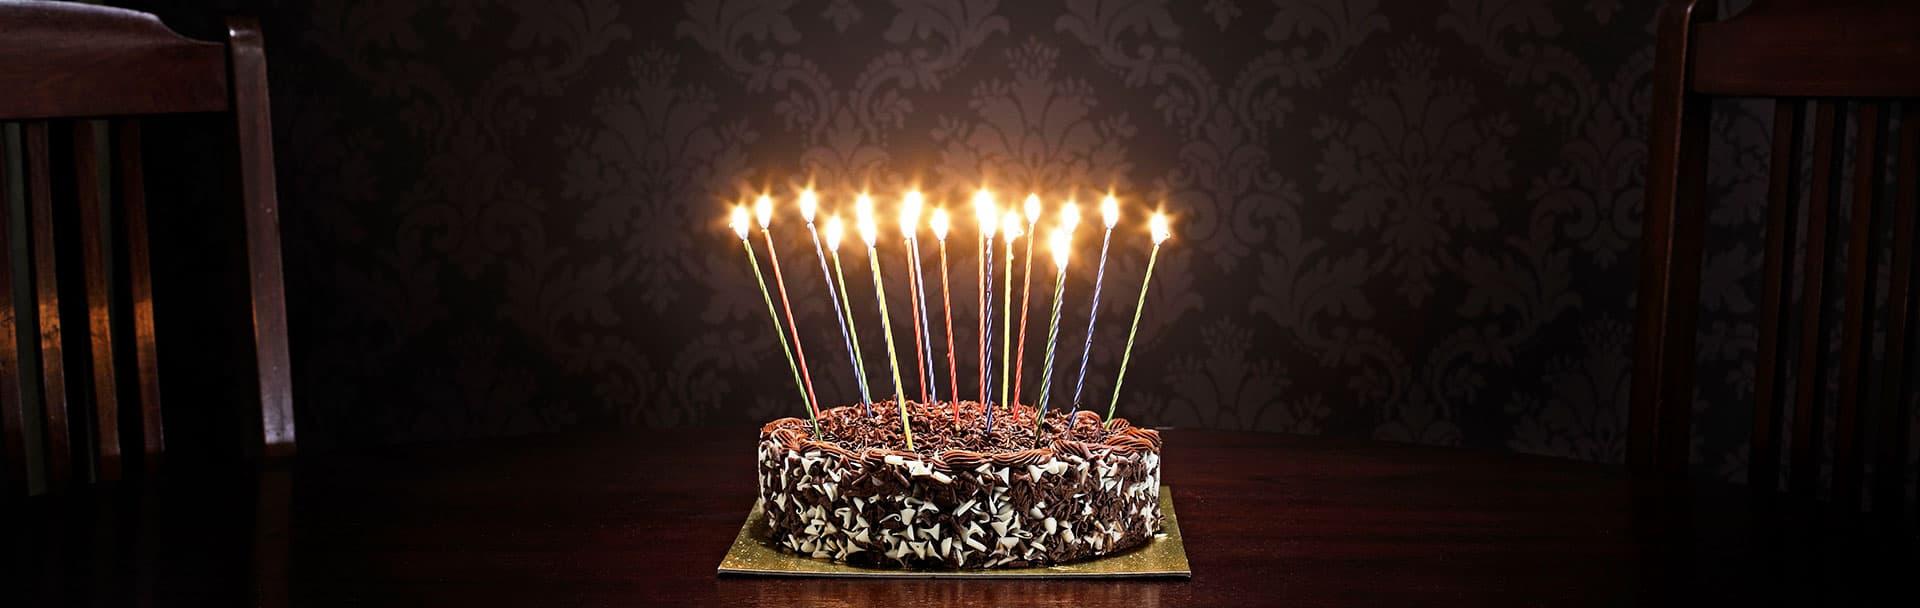 Gâteau d'anniversaire avec chandelles allumées.